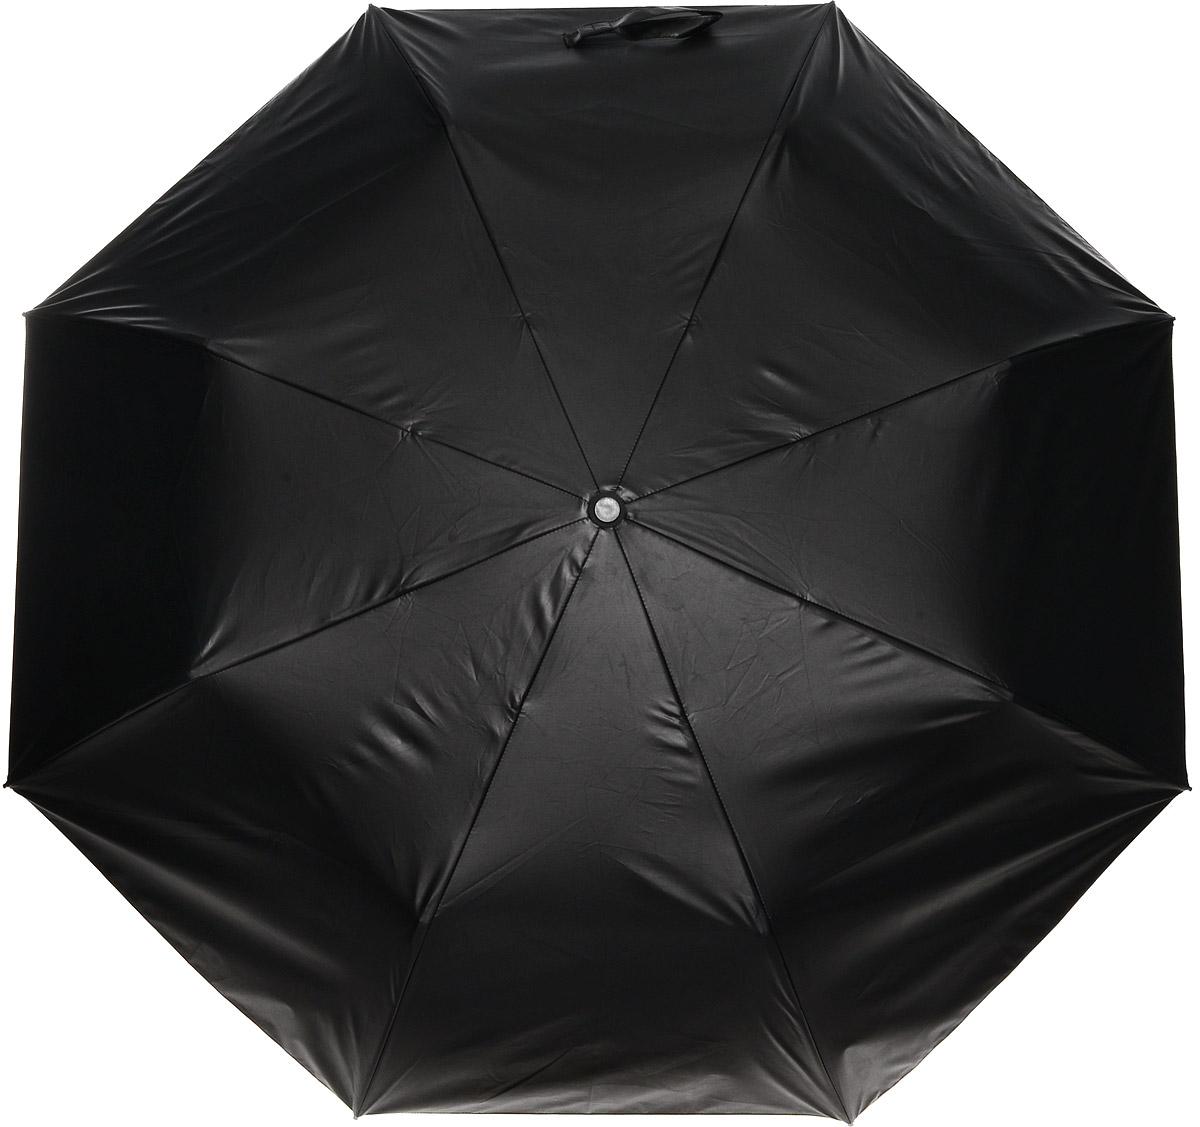 Зонт женский Vera Victoria Vito, механика, 3 сложения, цвет: черный, красный. 20-700-320-700-3Зонт Vera Victoria Vito надежно защитит вас от дождя. Купол выполнен из высококачественного нейлона, который не пропускает воду. Внутренняя сторона купола оформлена оригинальным принтом. Каркас зонта и спицы выполнены из высококачественного металла. Удобная ручка выполнена из пластика и дополнена эластичной резинкой. Зонт имеет автоматический тип сложения: открывается и закрывается при нажатии на кнопку. В комплект входит чехол.